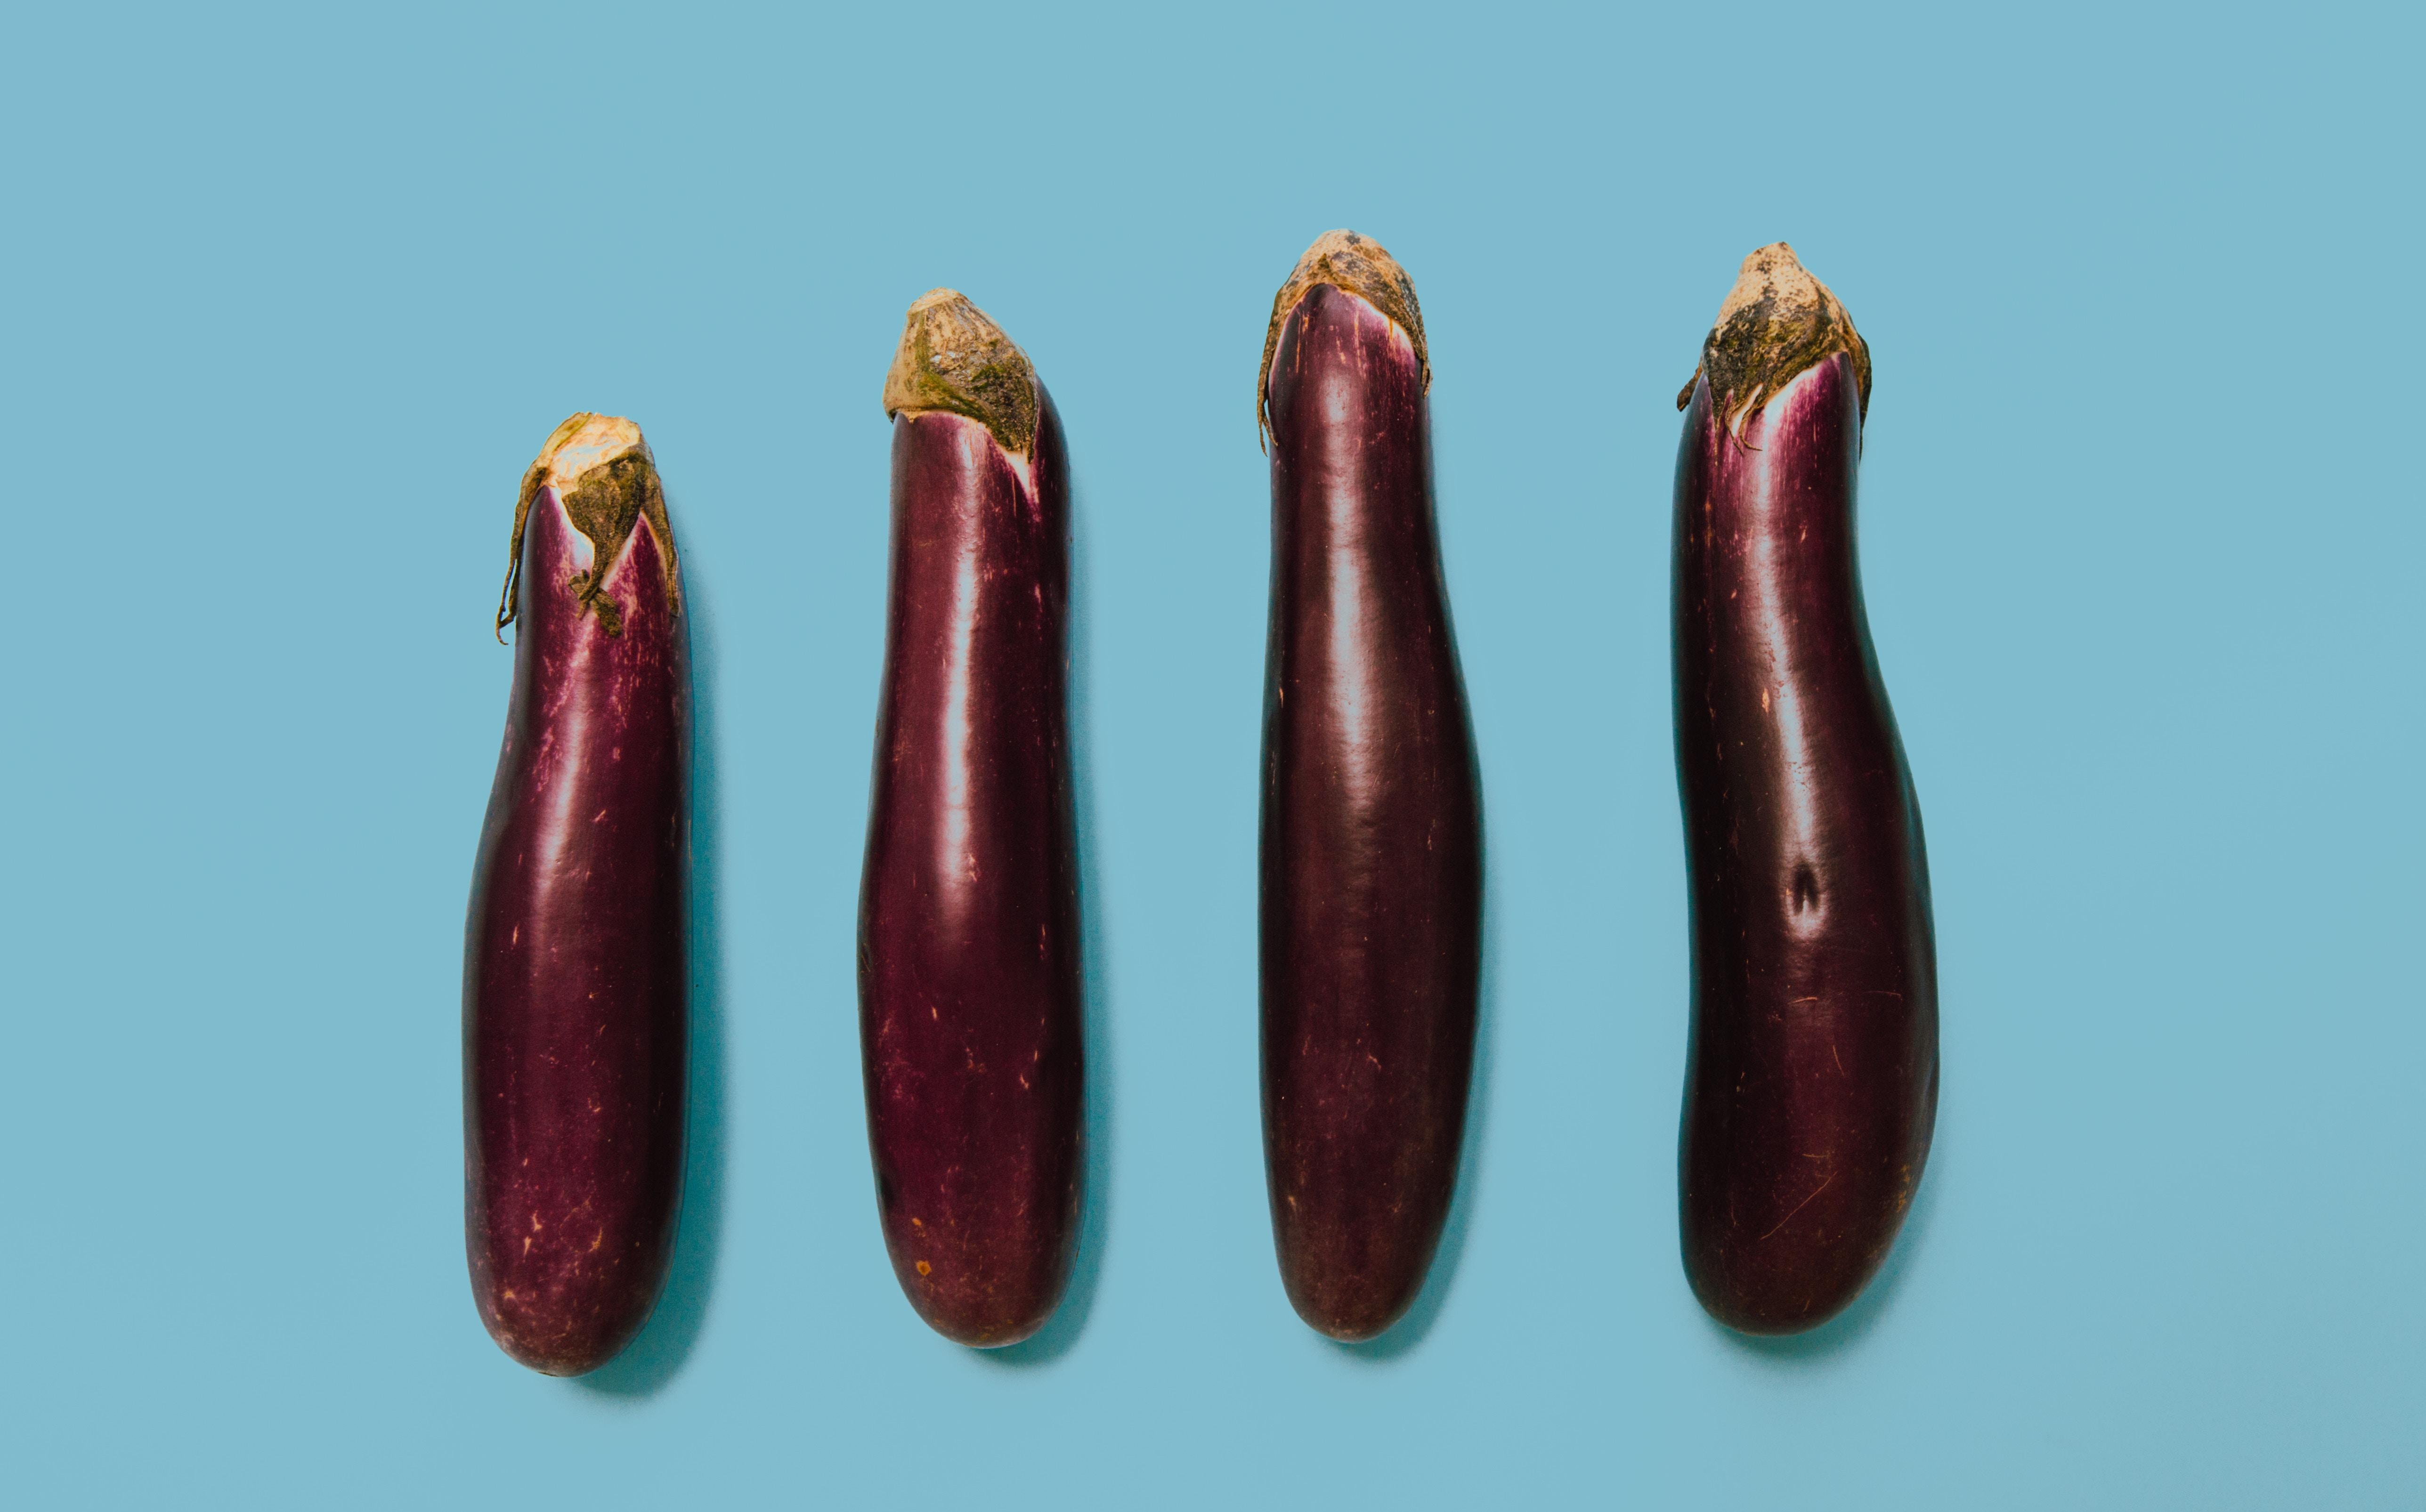 Picături de mărire a penisului Kamasutra – produse originale, cumpărați acum, opinii, prețuri